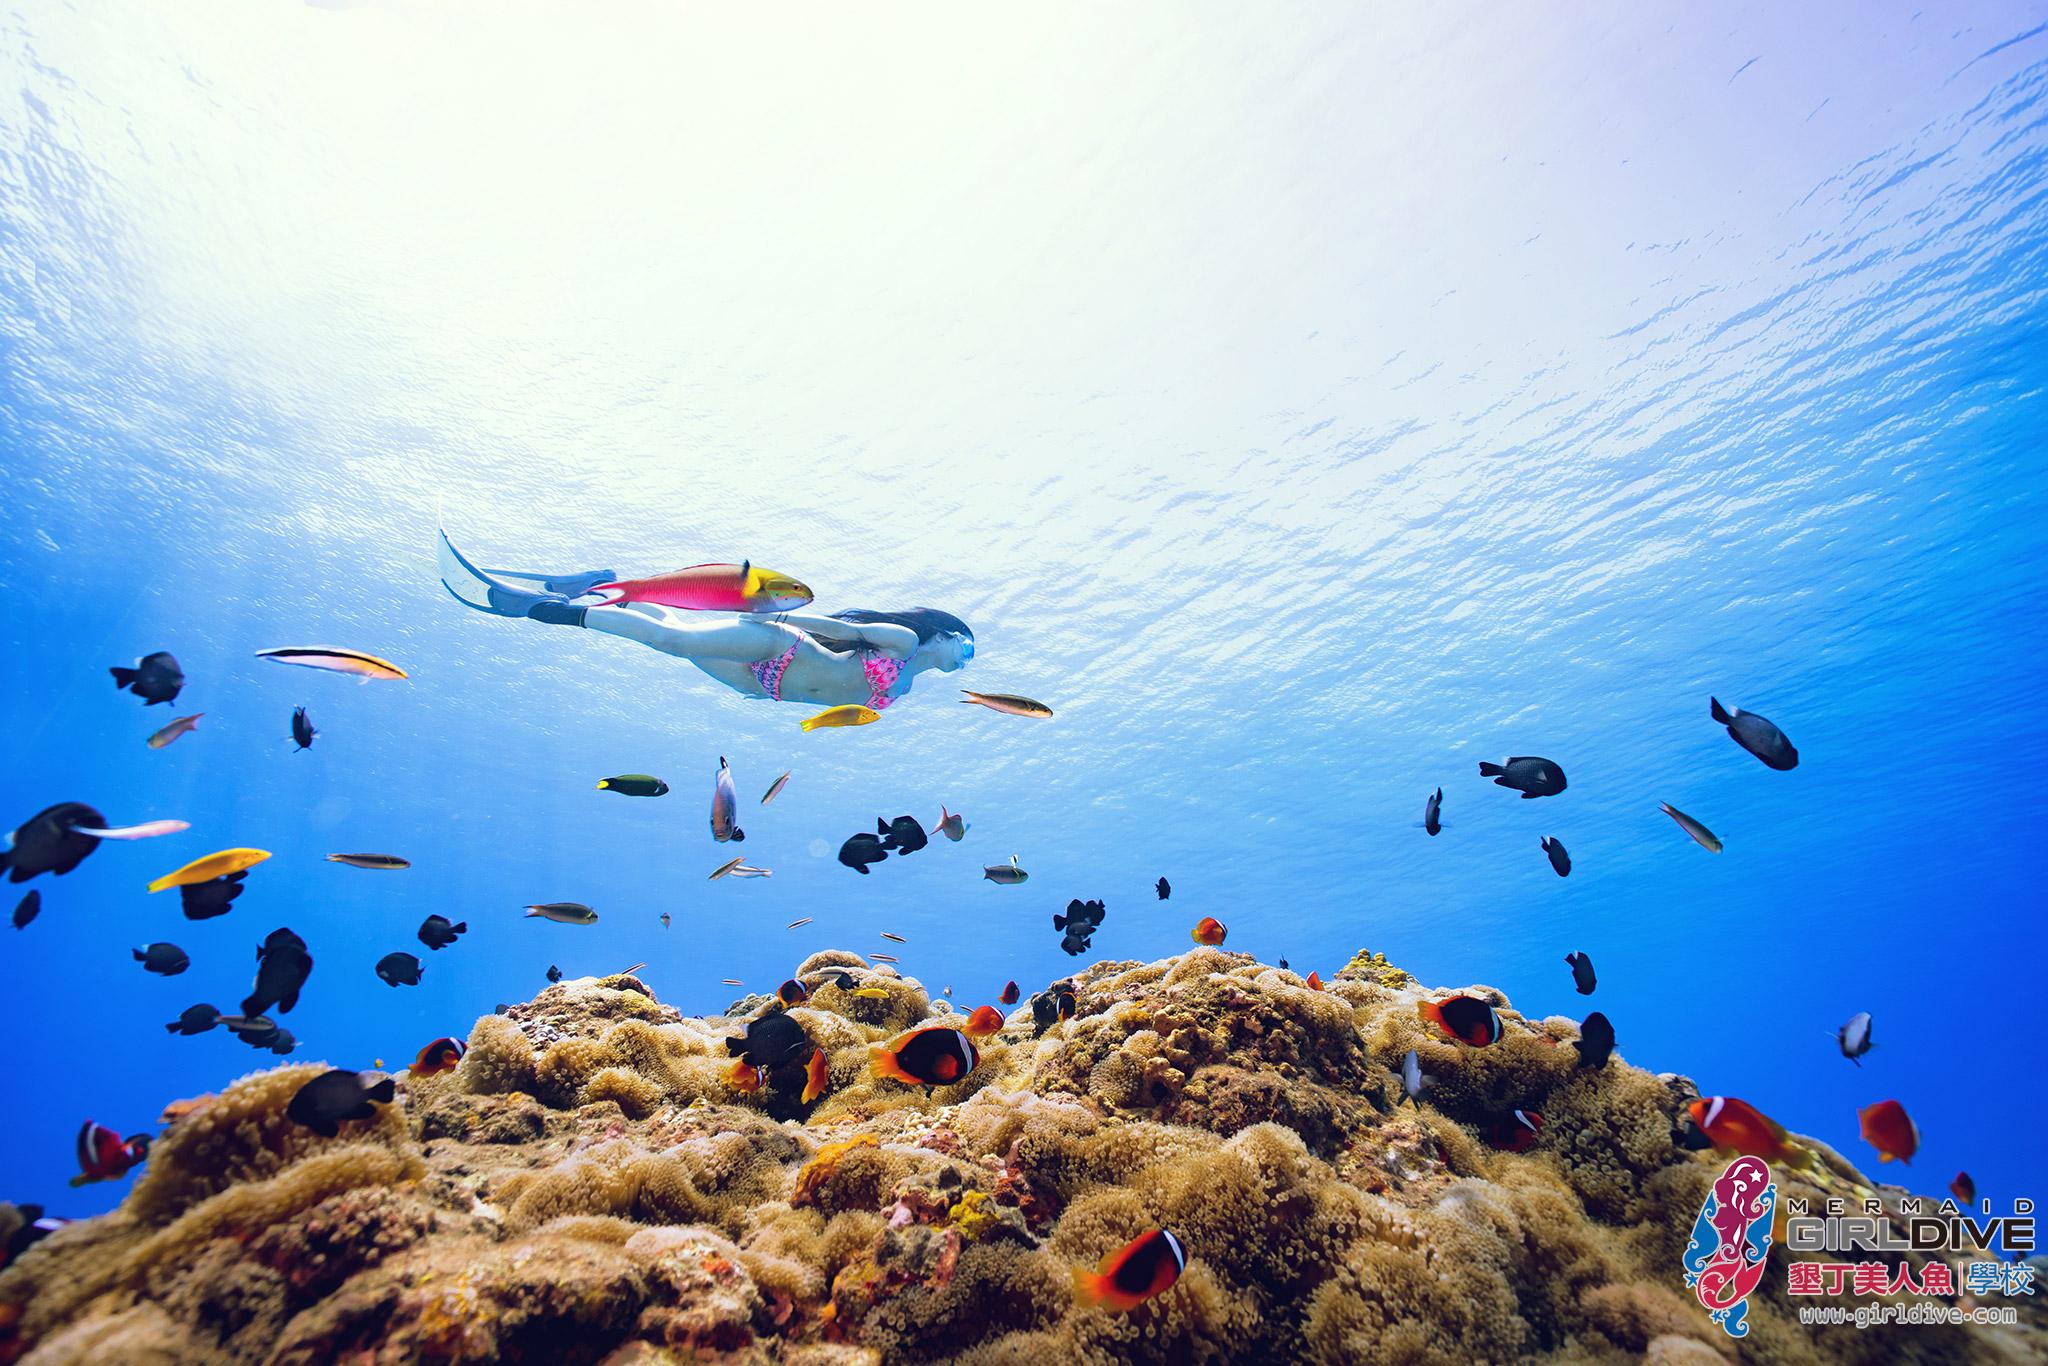 自由潛水,體驗,證照,課程,墾丁,aida